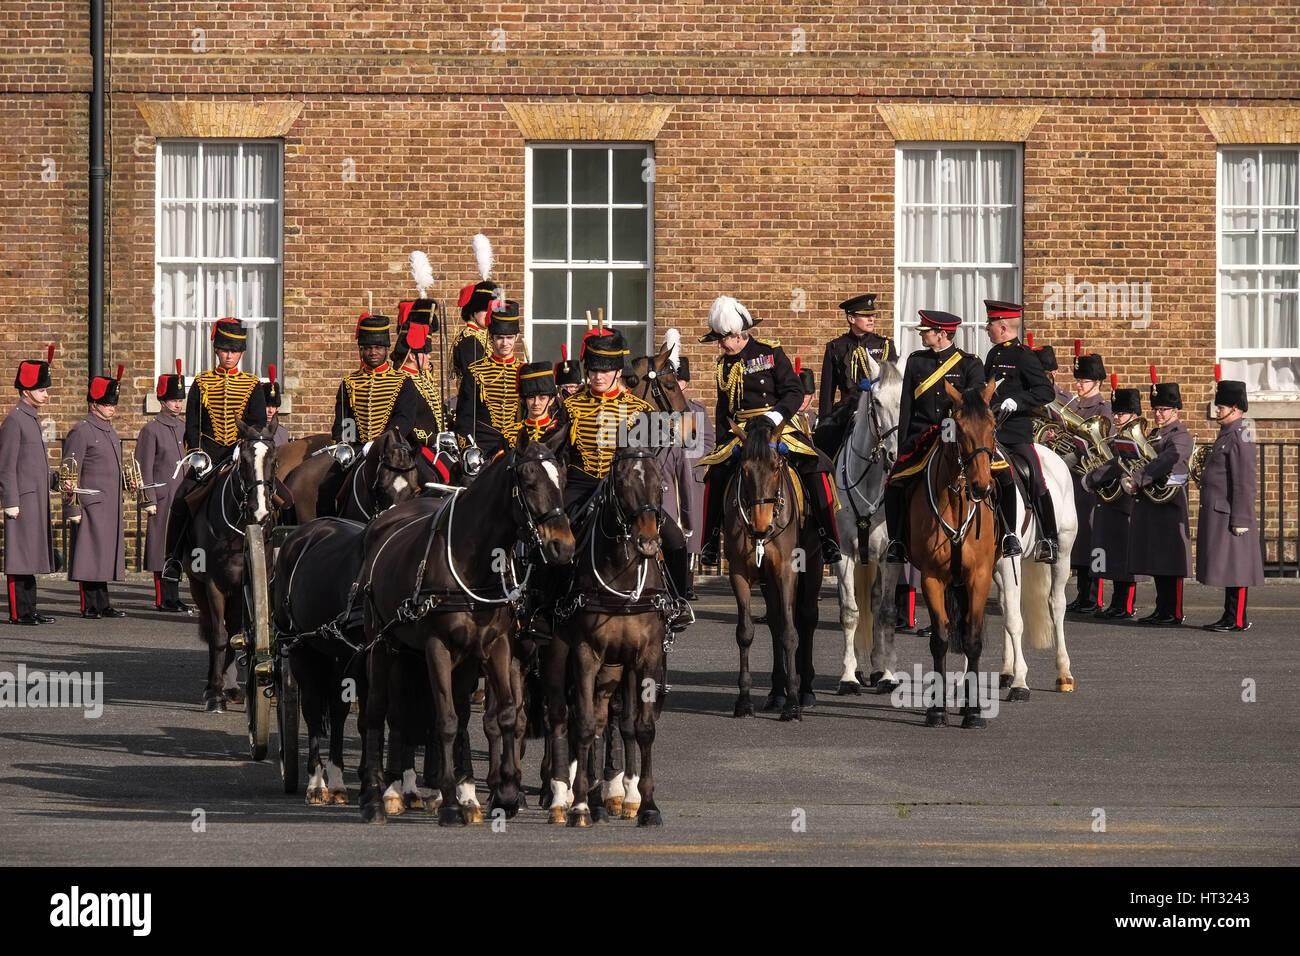 London Uk 7 Marz 2017 Konige Troop Royal Horse Artillery